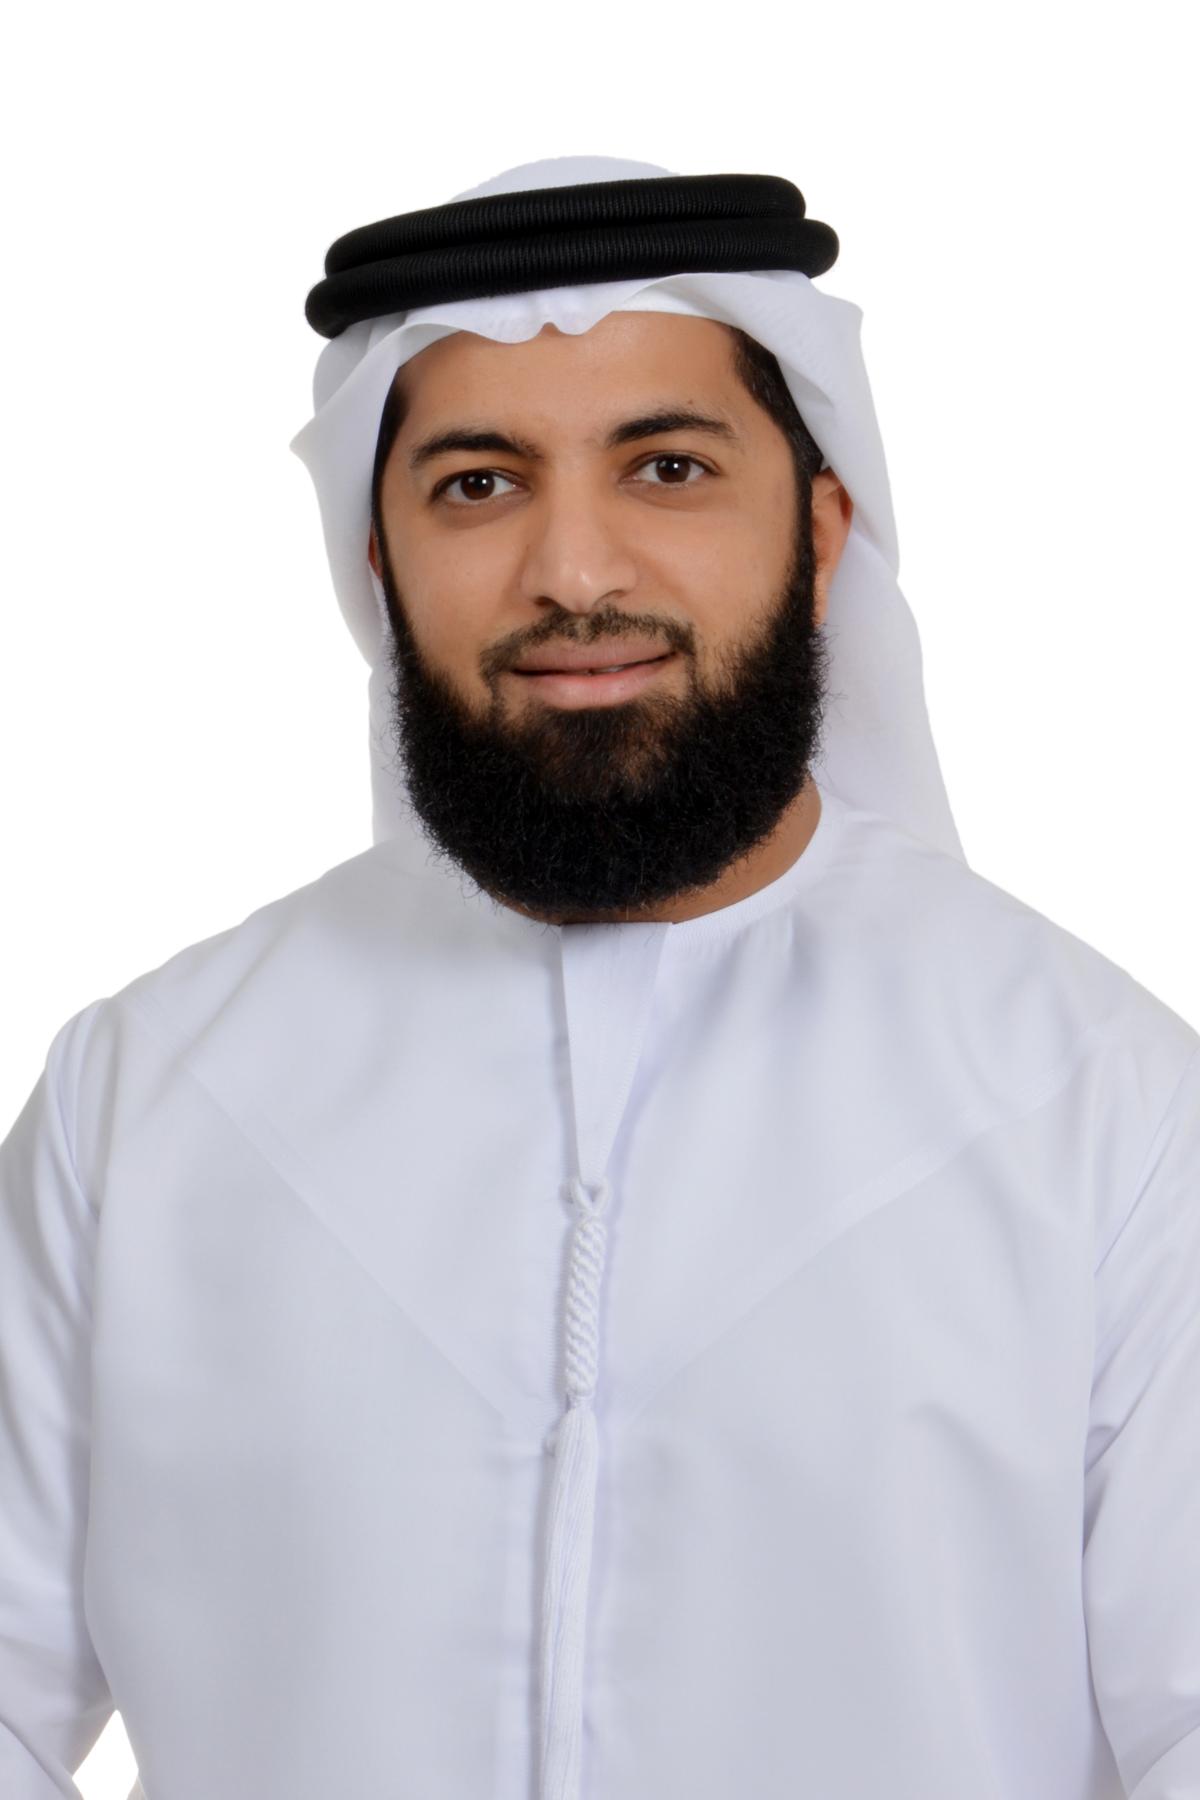 Juma Abdalla Al Falahi, Senior Manager, Standards and Regulations, Standards and Regulations Department, Dubai Civil Aviation Authority (DCAA)